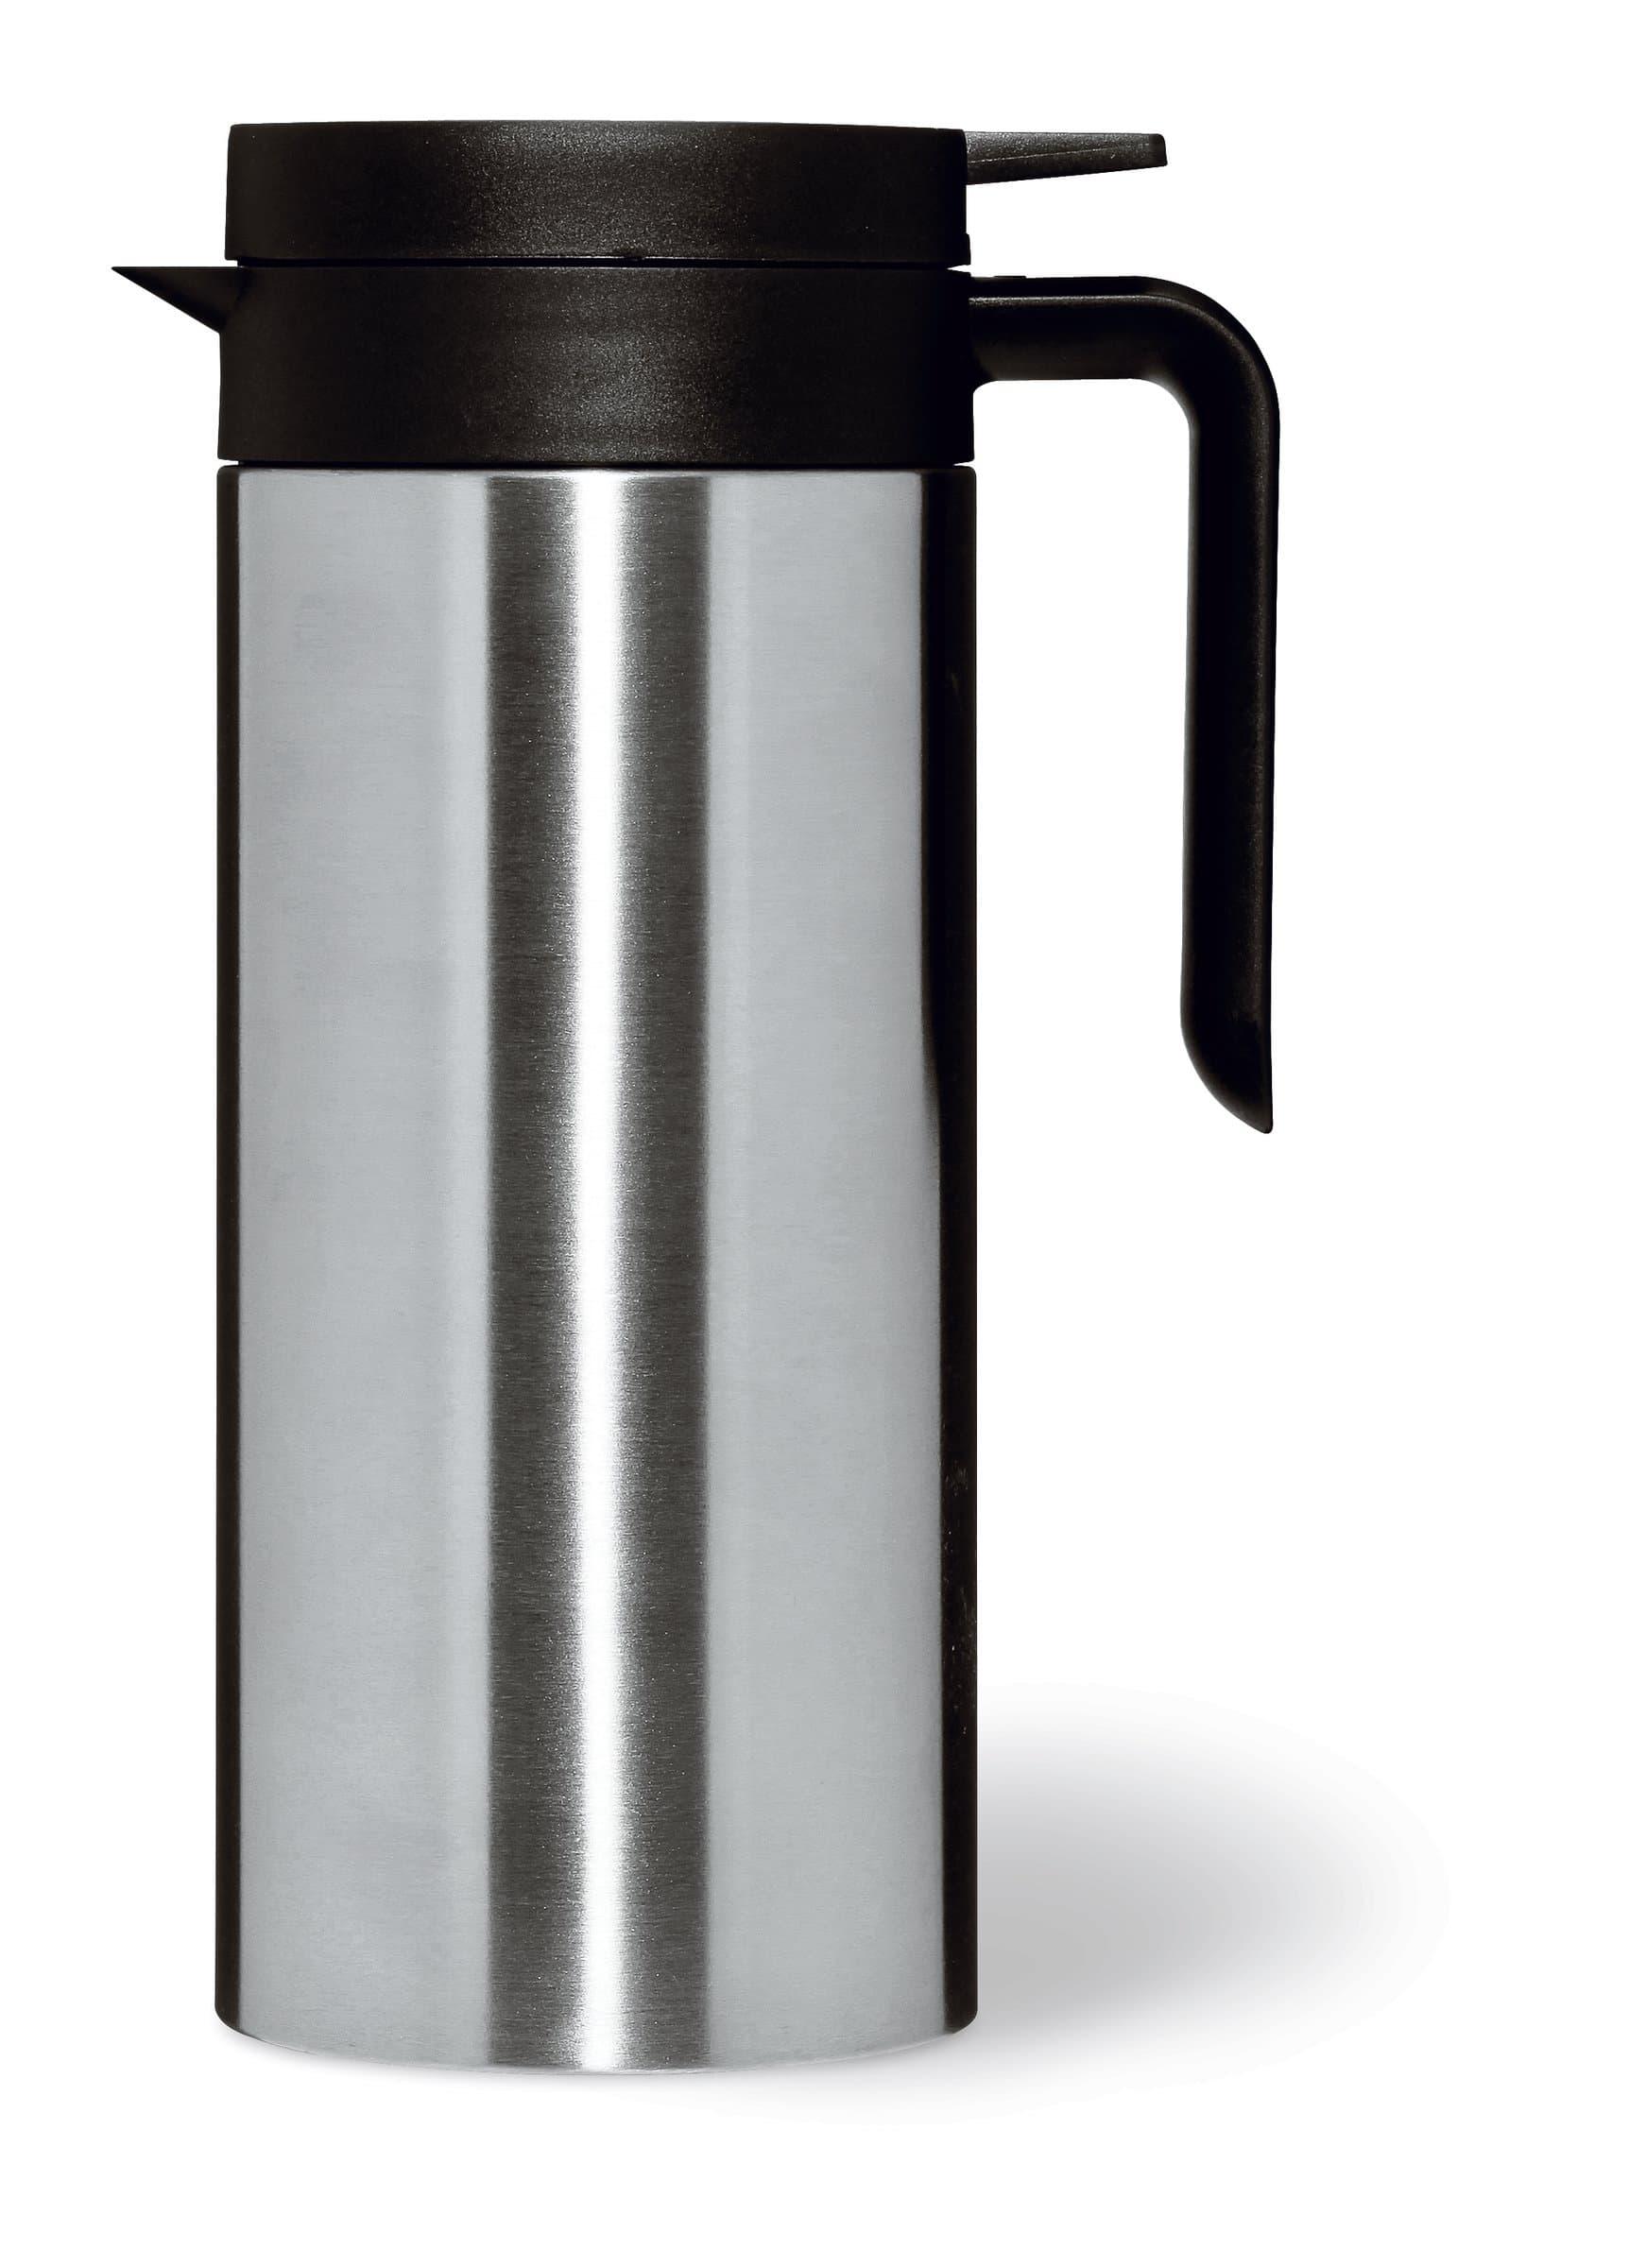 Cucina & Tavola Caraffa termica 1.4L